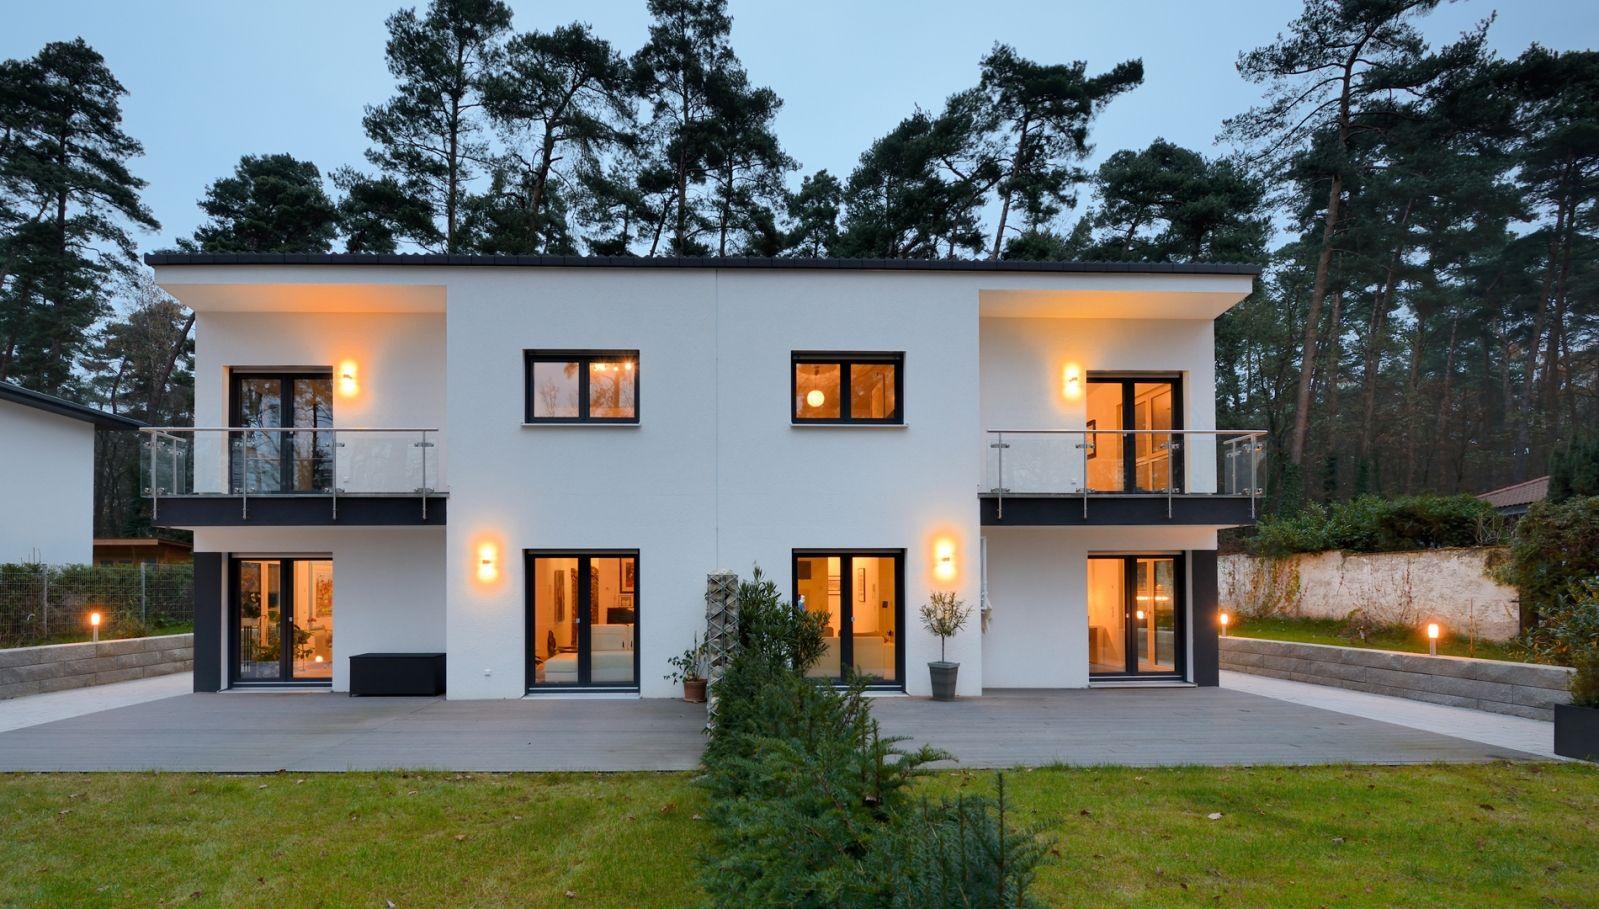 doppelhaus mal anders fertighaus weiss zusammen und doch jeder f r sich weiss h user. Black Bedroom Furniture Sets. Home Design Ideas